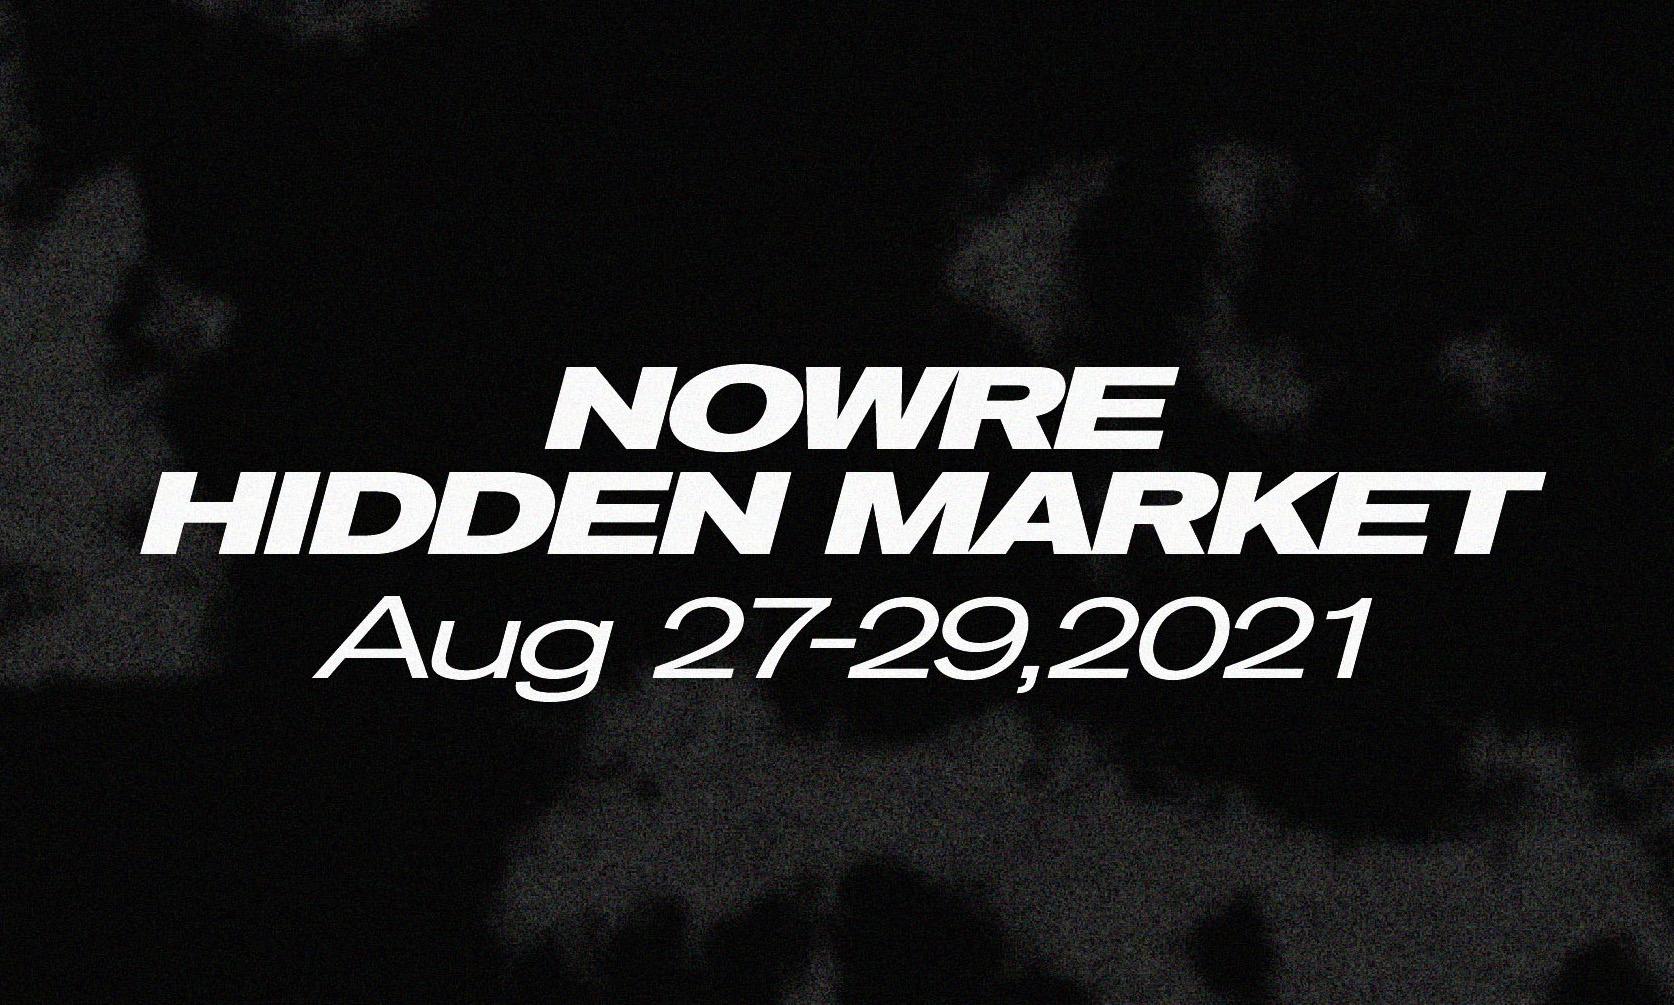 8 月我们要在 TX 淮海搞个市集,你想来逛逛…还是来摆摊?